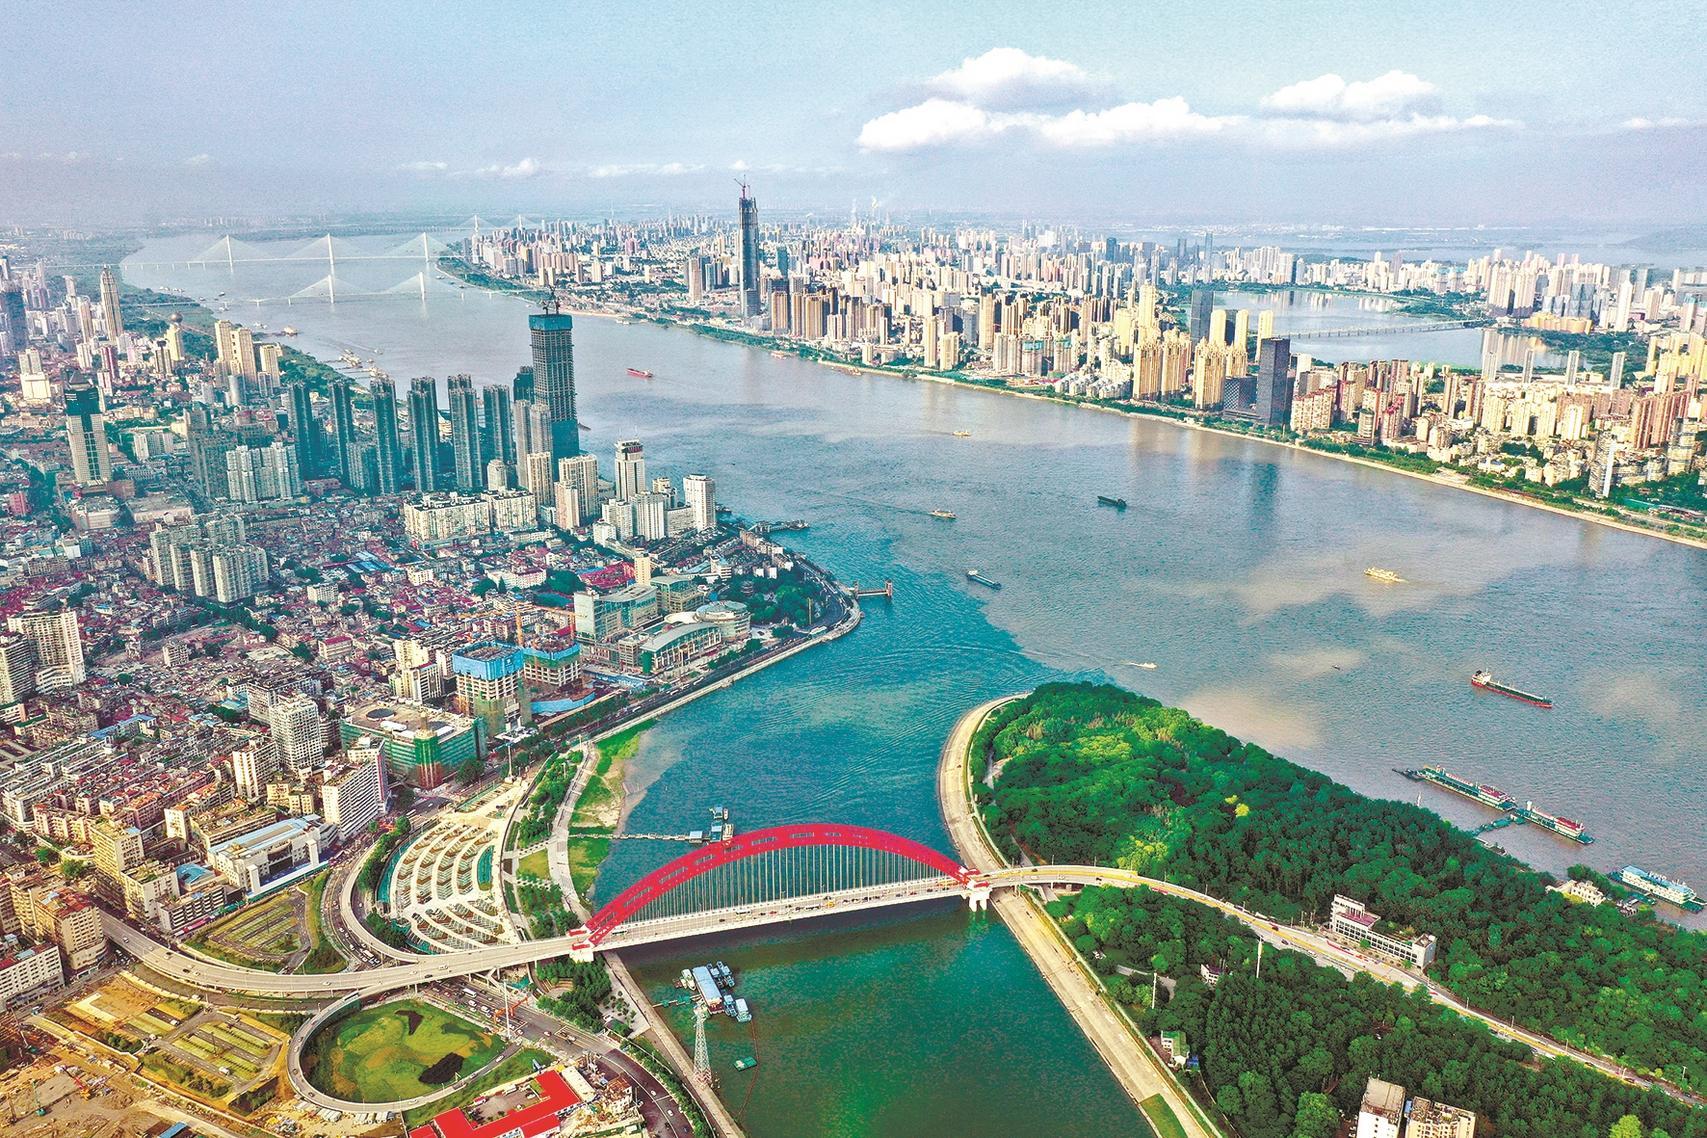 http://www.jienengcc.cn/xinnenyuan/160247.html